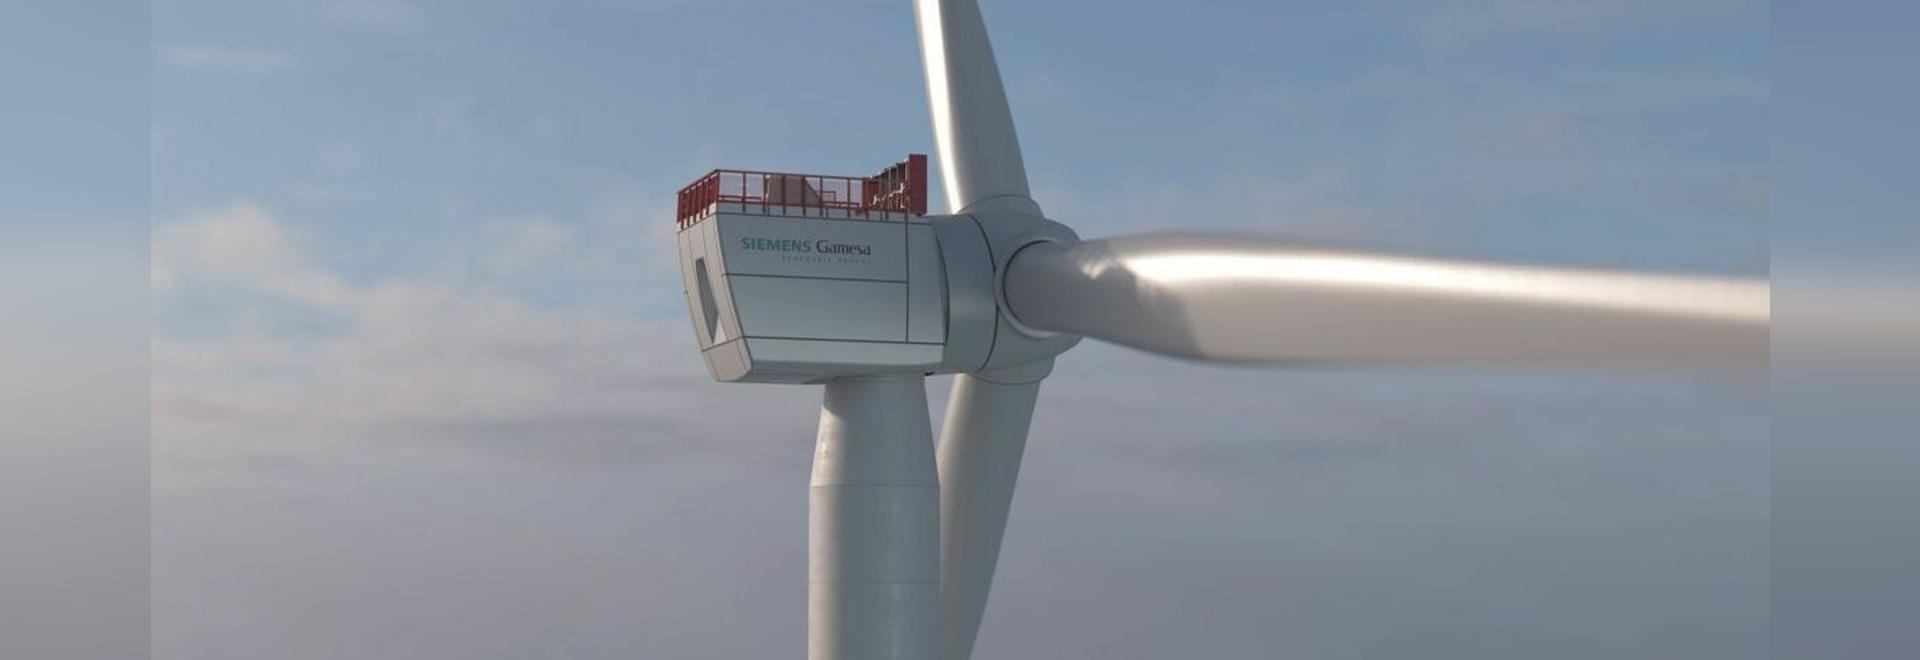 Offshore-Wind lässt den Auftragsbestand von Siemens Gamesa ansteigen